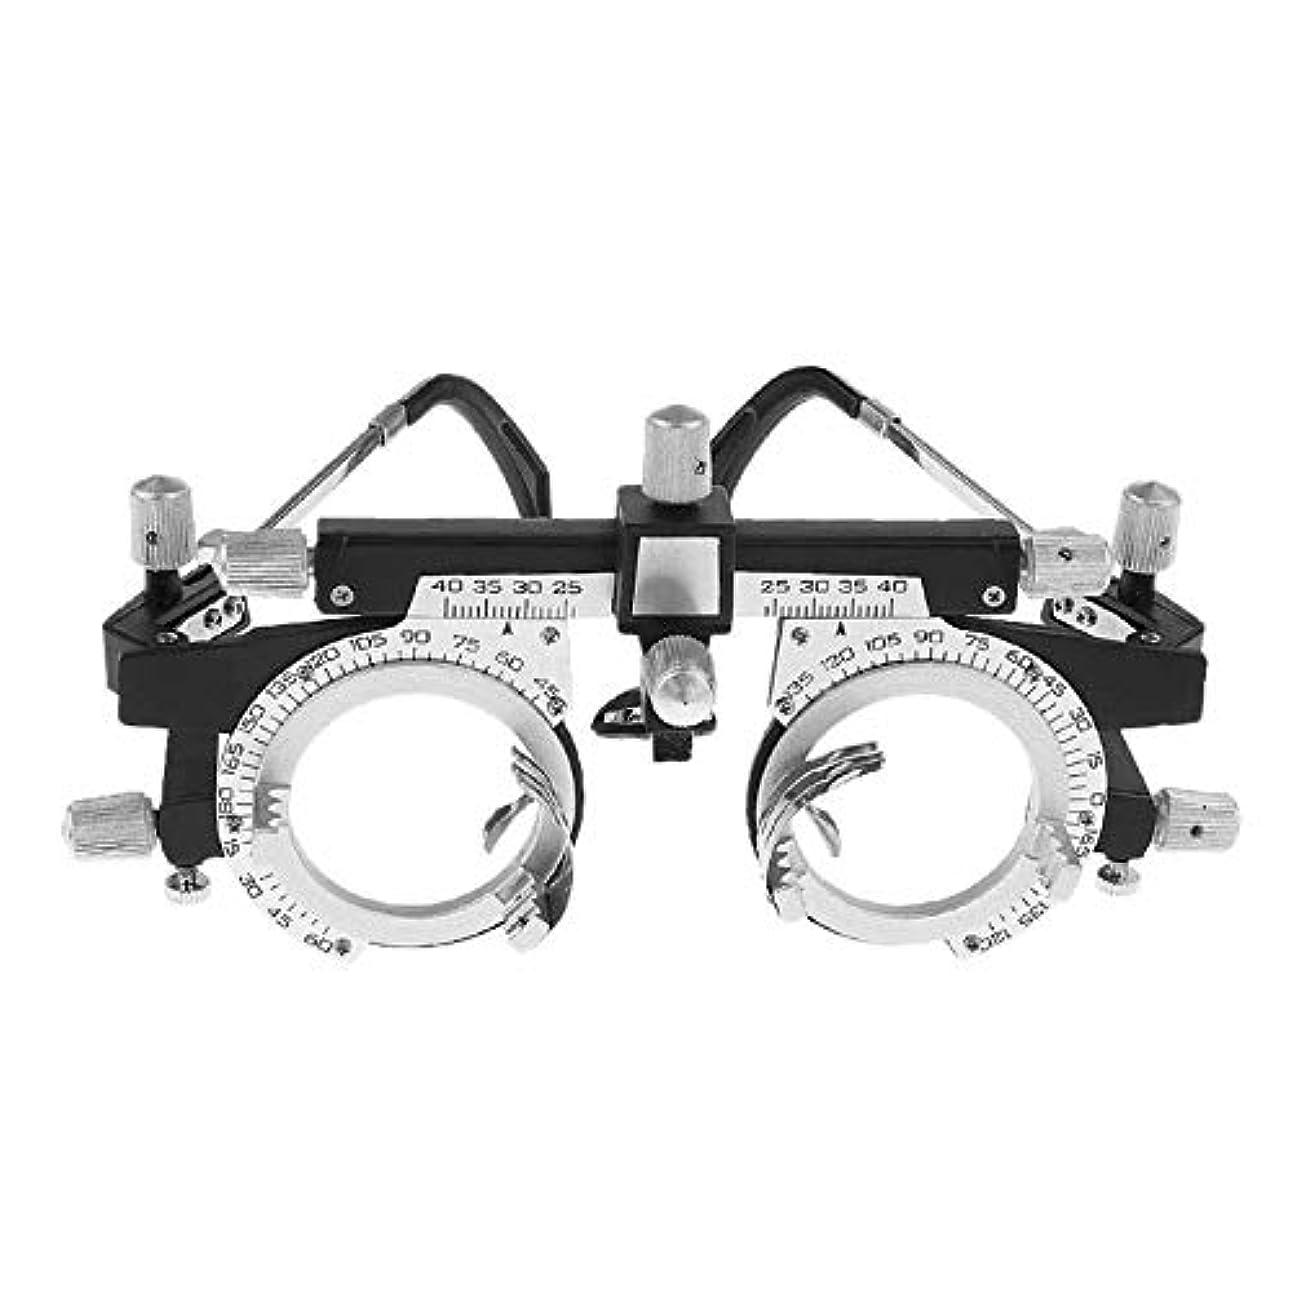 めまい制裁に頼る調節可能なプロフェッショナルアイウェア検眼メタルフレーム光学オプティクストライアルレンズメタルフレームPDメガネアクセサリー